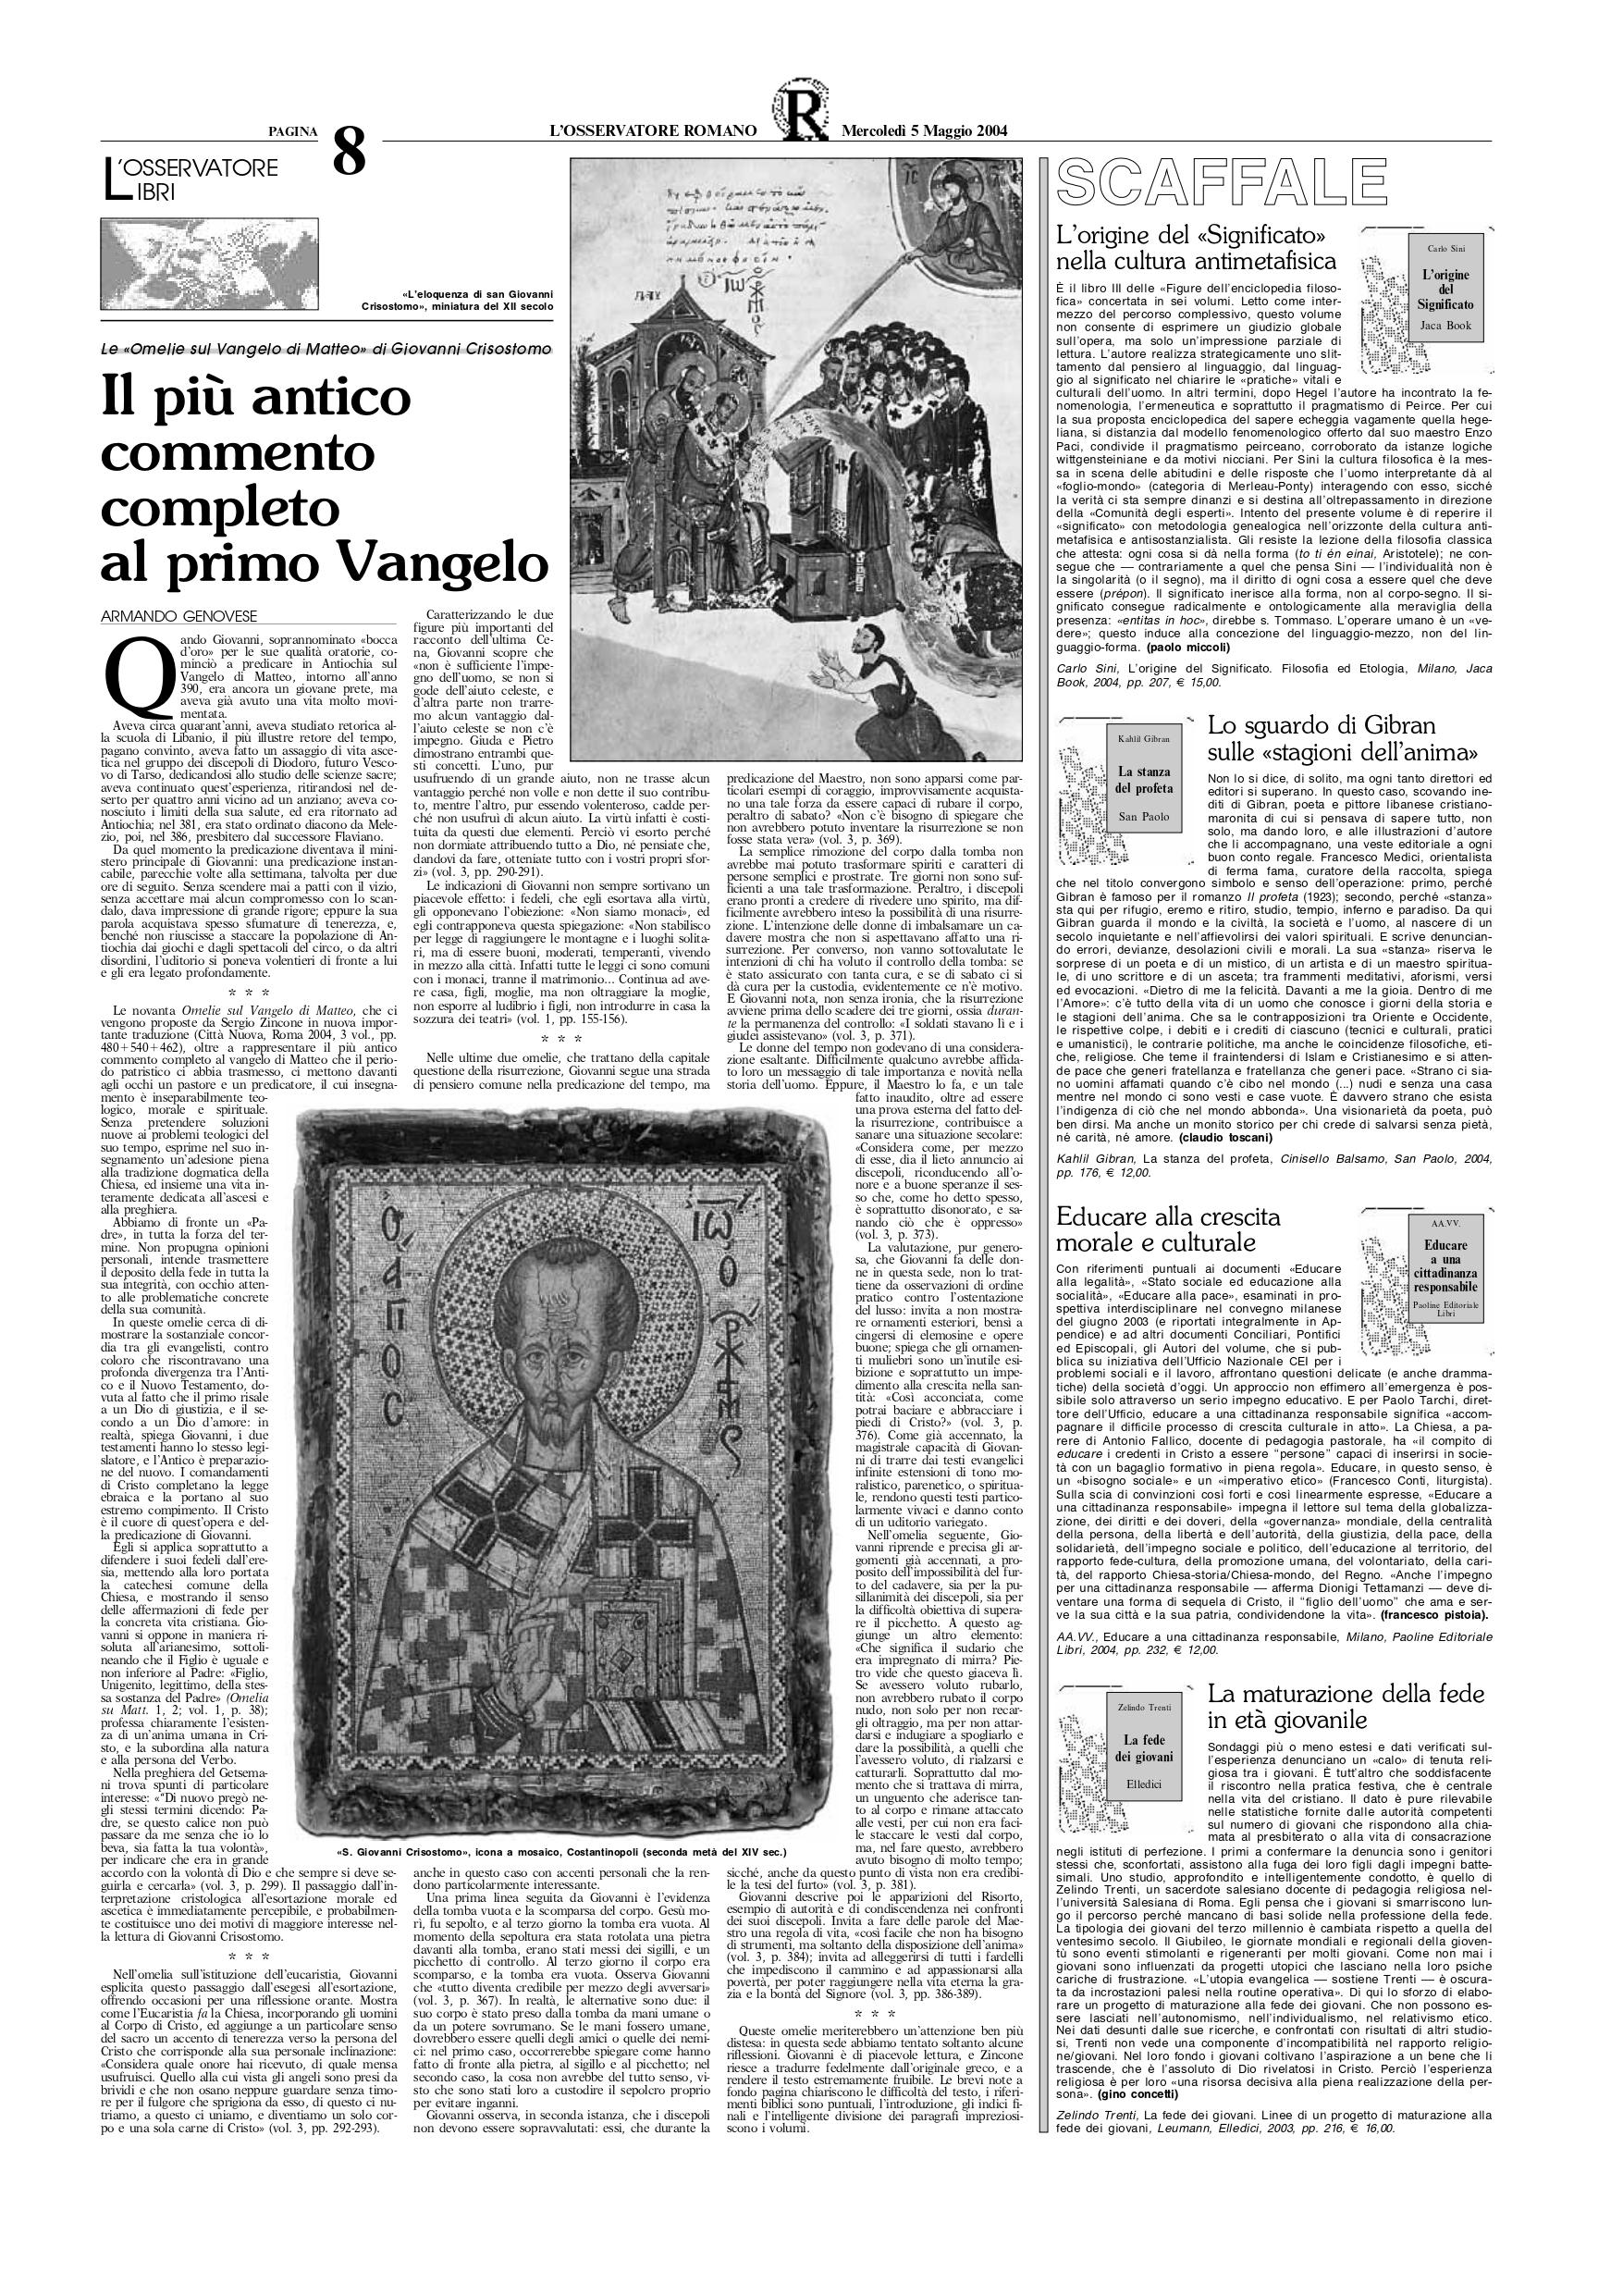 """Claudio Toscani, Lo sguardo di Gibran sulle «stagioni dell'anima», """"L'Osservatore Romano"""", May 5, 2004, p. 8 (review)"""